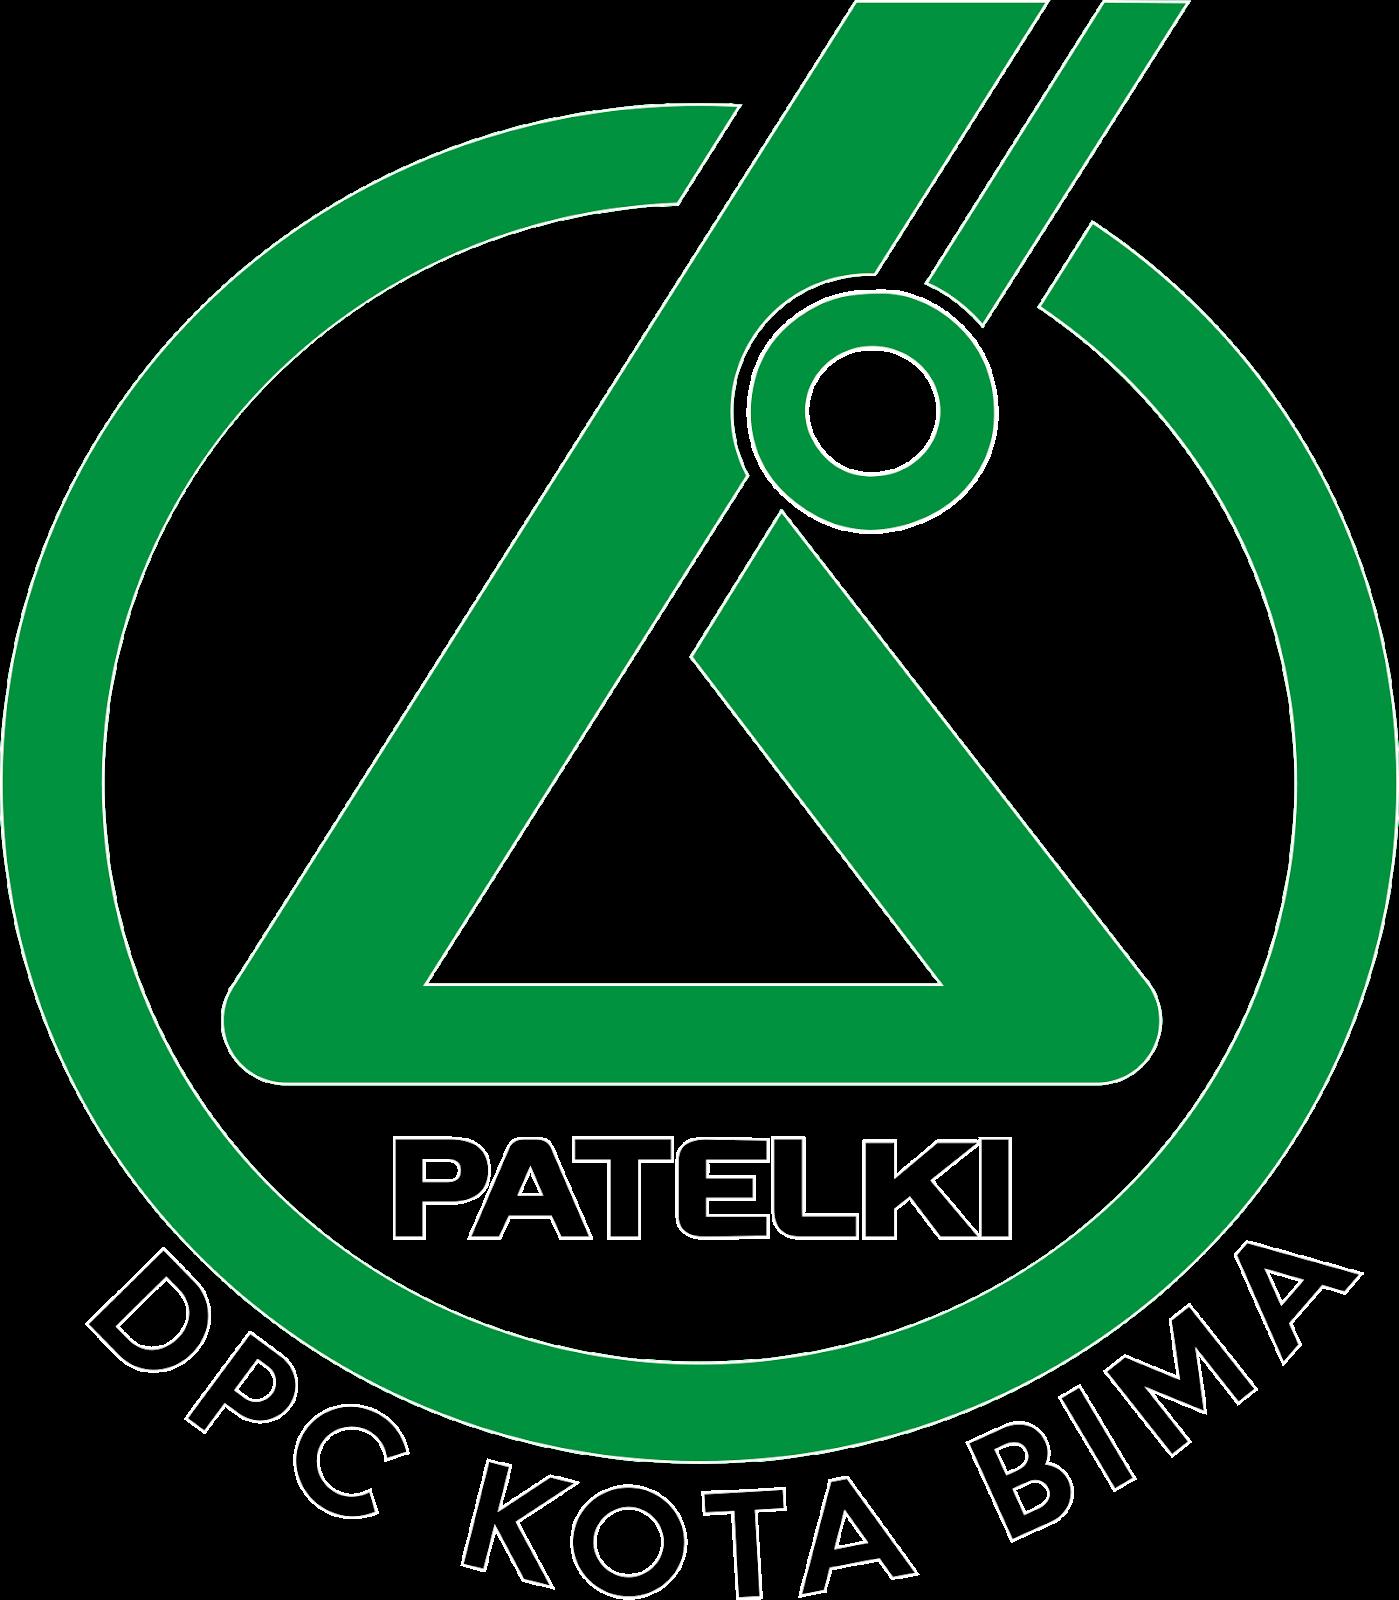 Dpc Patelki Bima Logo Patelki Kota Bima